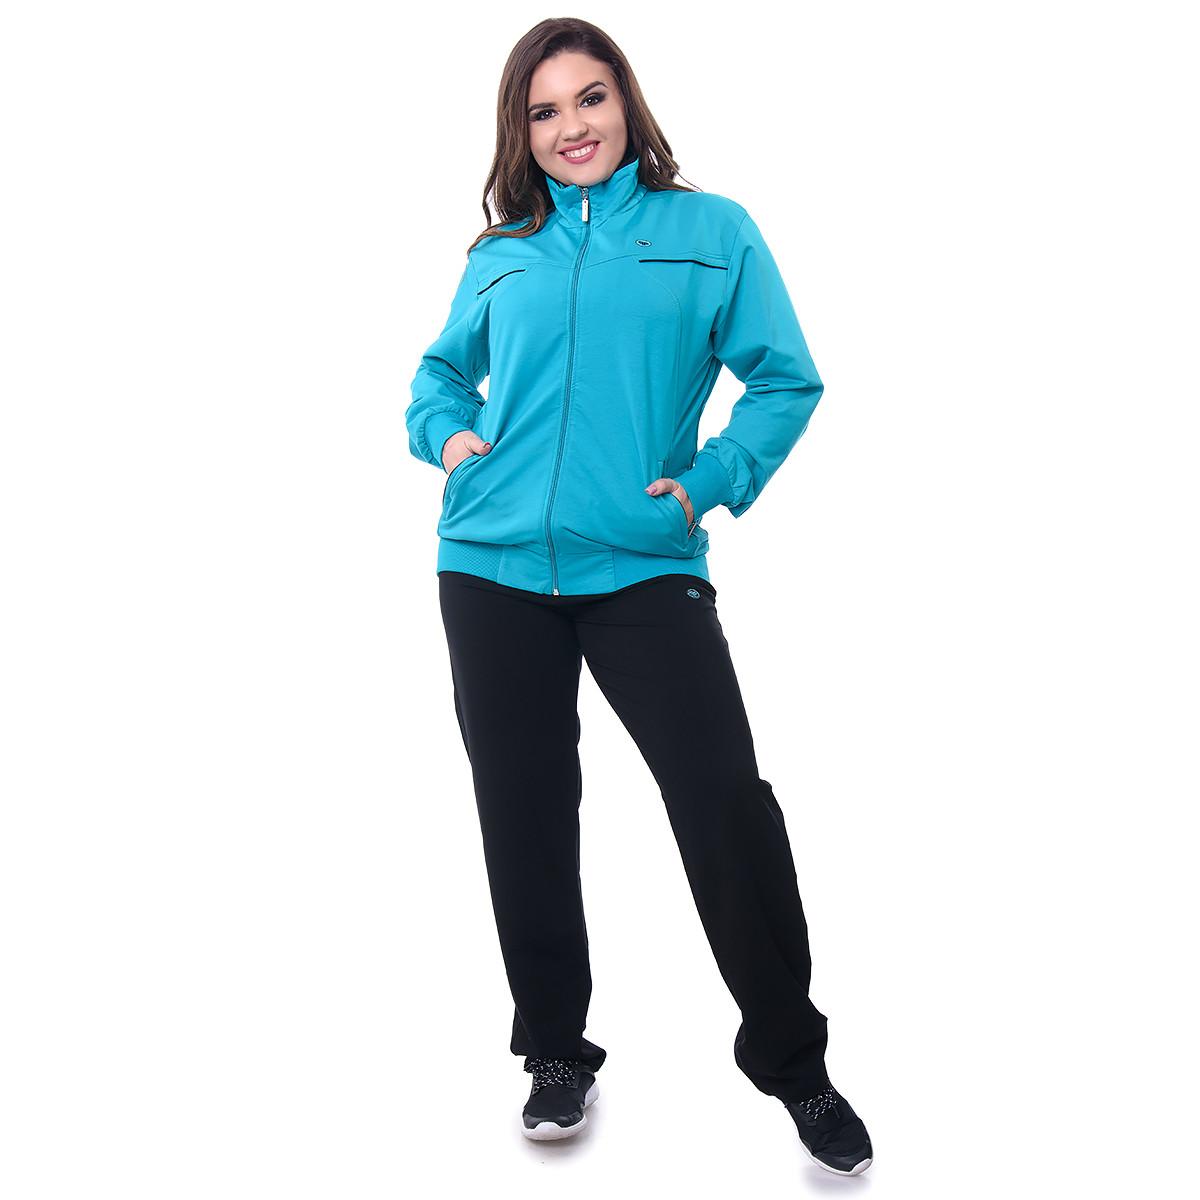 ae6cd2ad Спортивные костюмы женские больших размеров 7306G-4 оптом и в ...